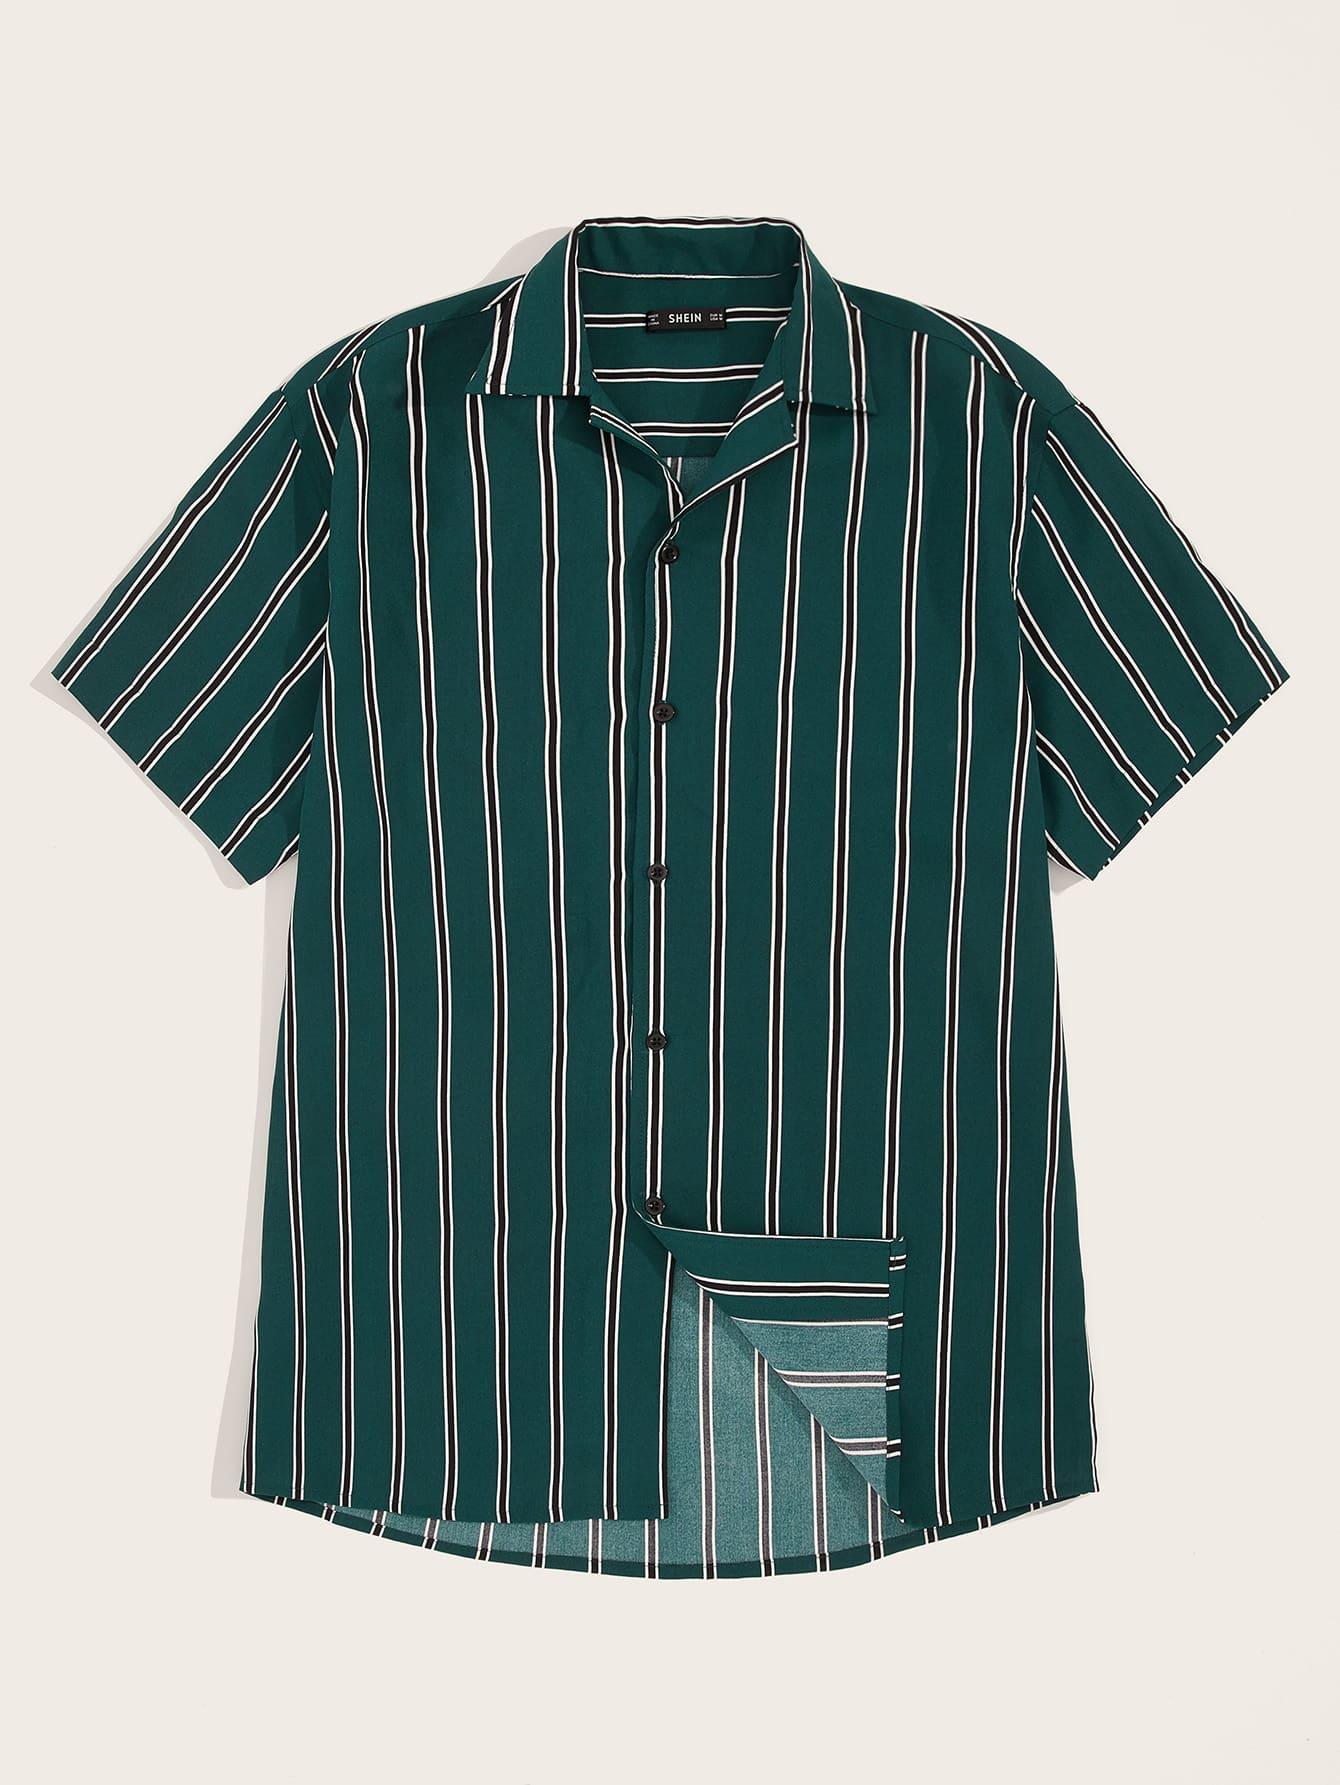 Купить Мужская полосатая рубашка с коротким рукавом, null, SheIn